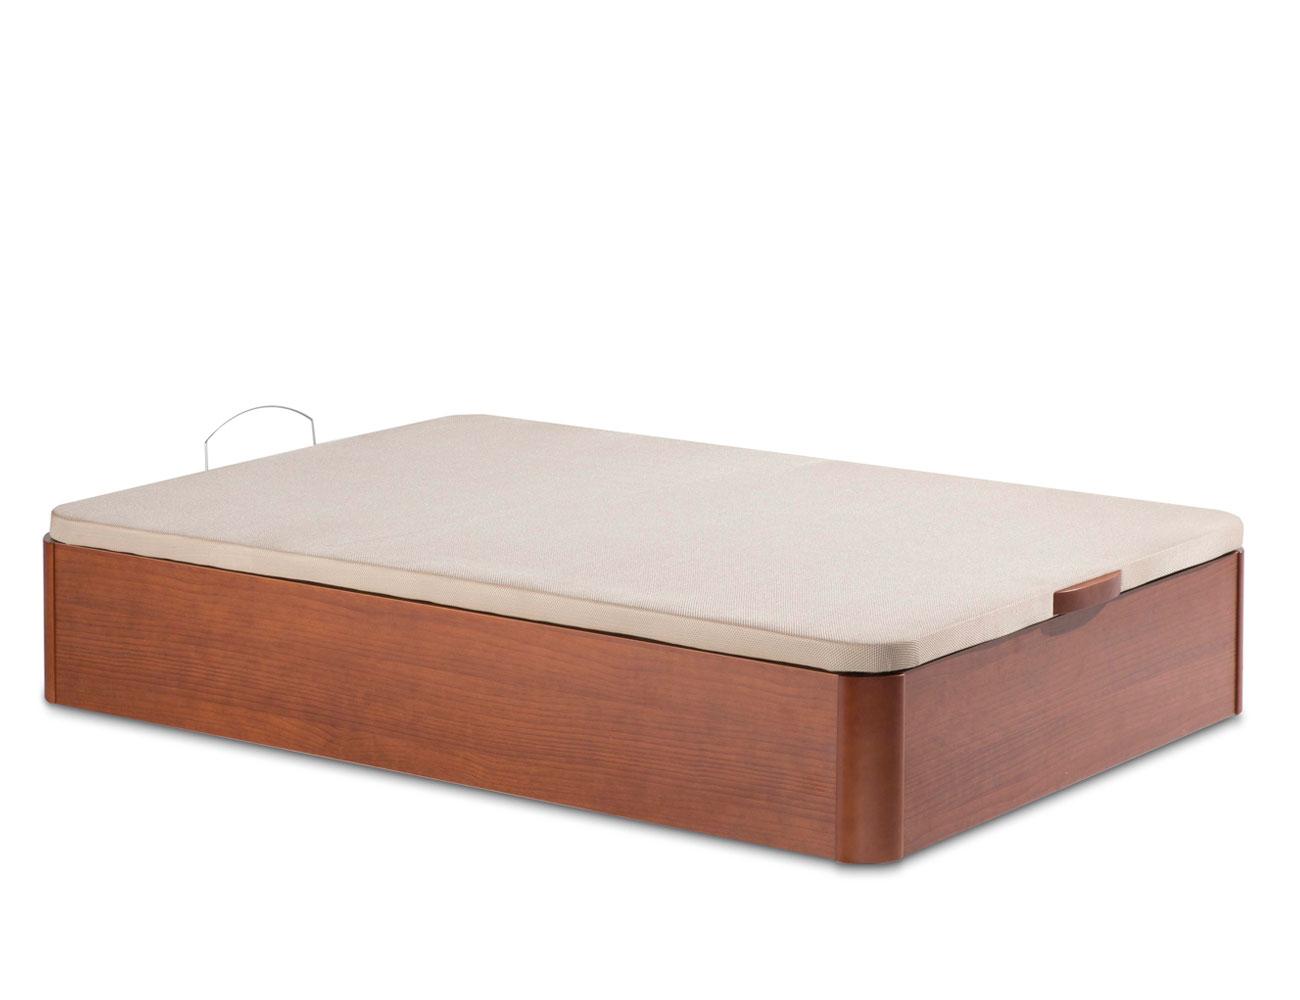 Canape madera base 3d 732